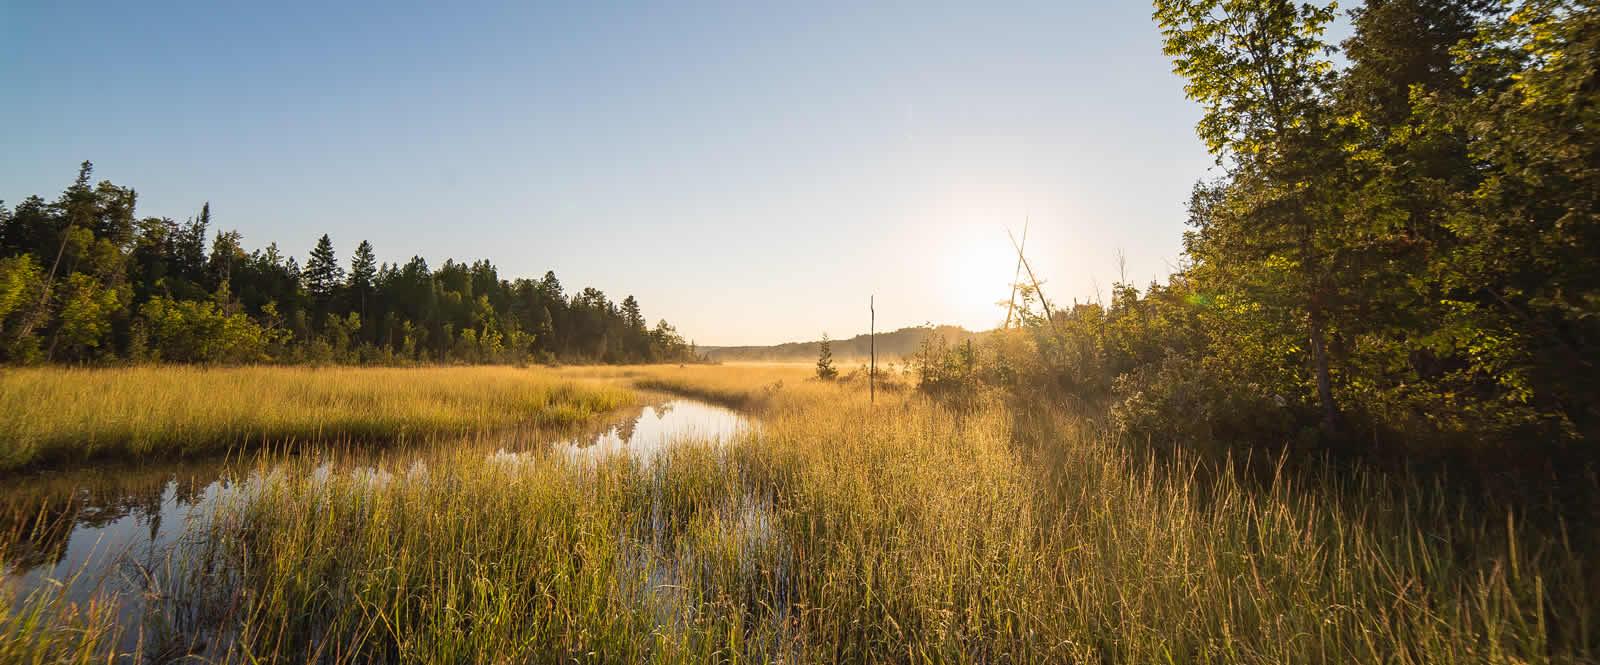 pond into limerick lake